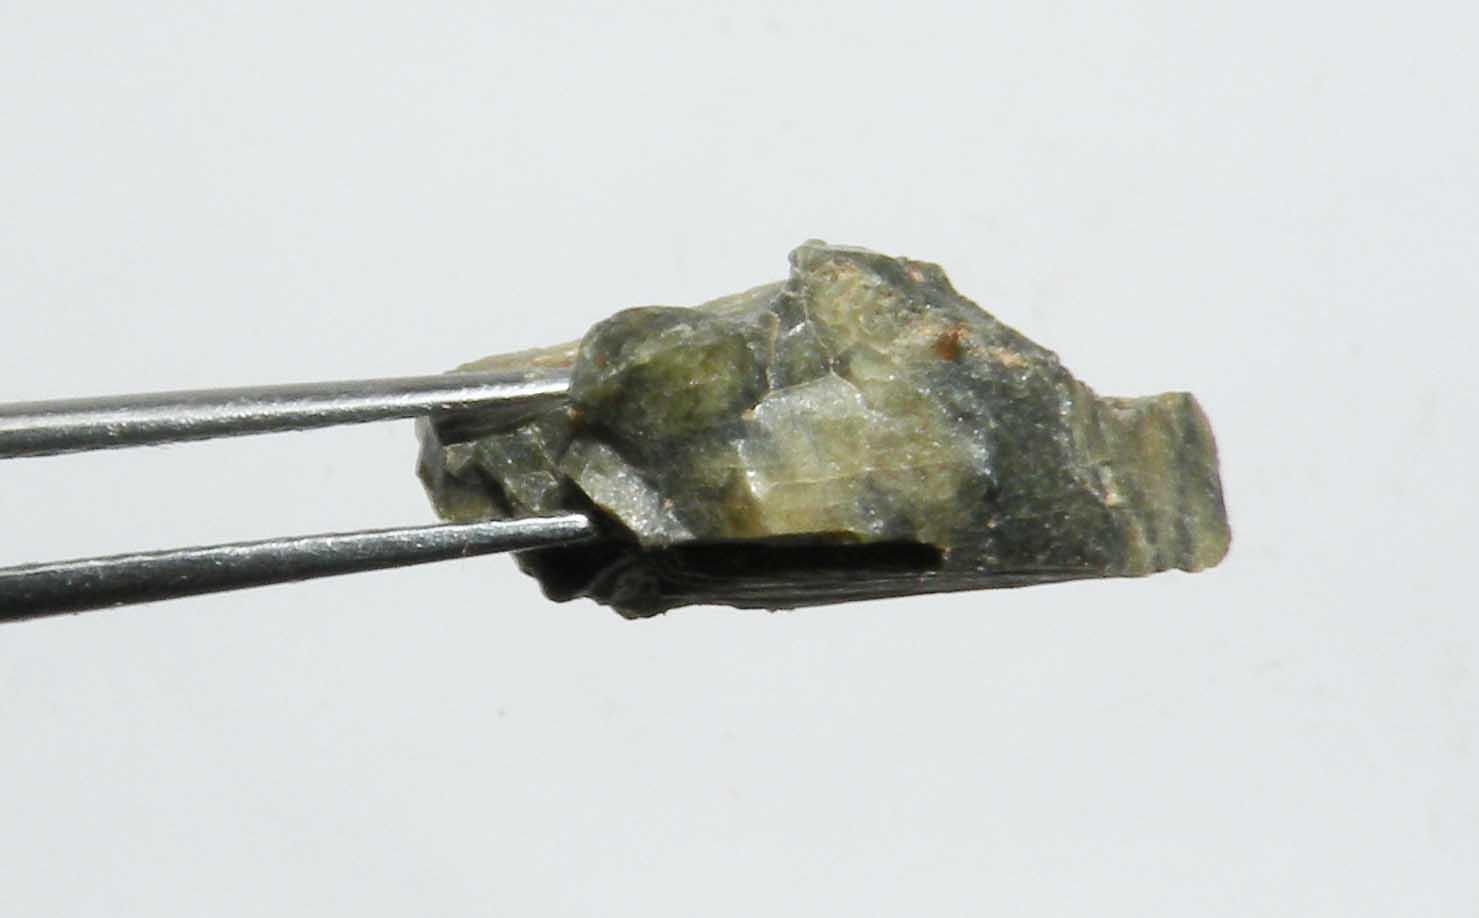 http://www.nuggetsfactory.com/EURO/meteorite/tatahouine/12%20tatahouine%20c%20.jpg